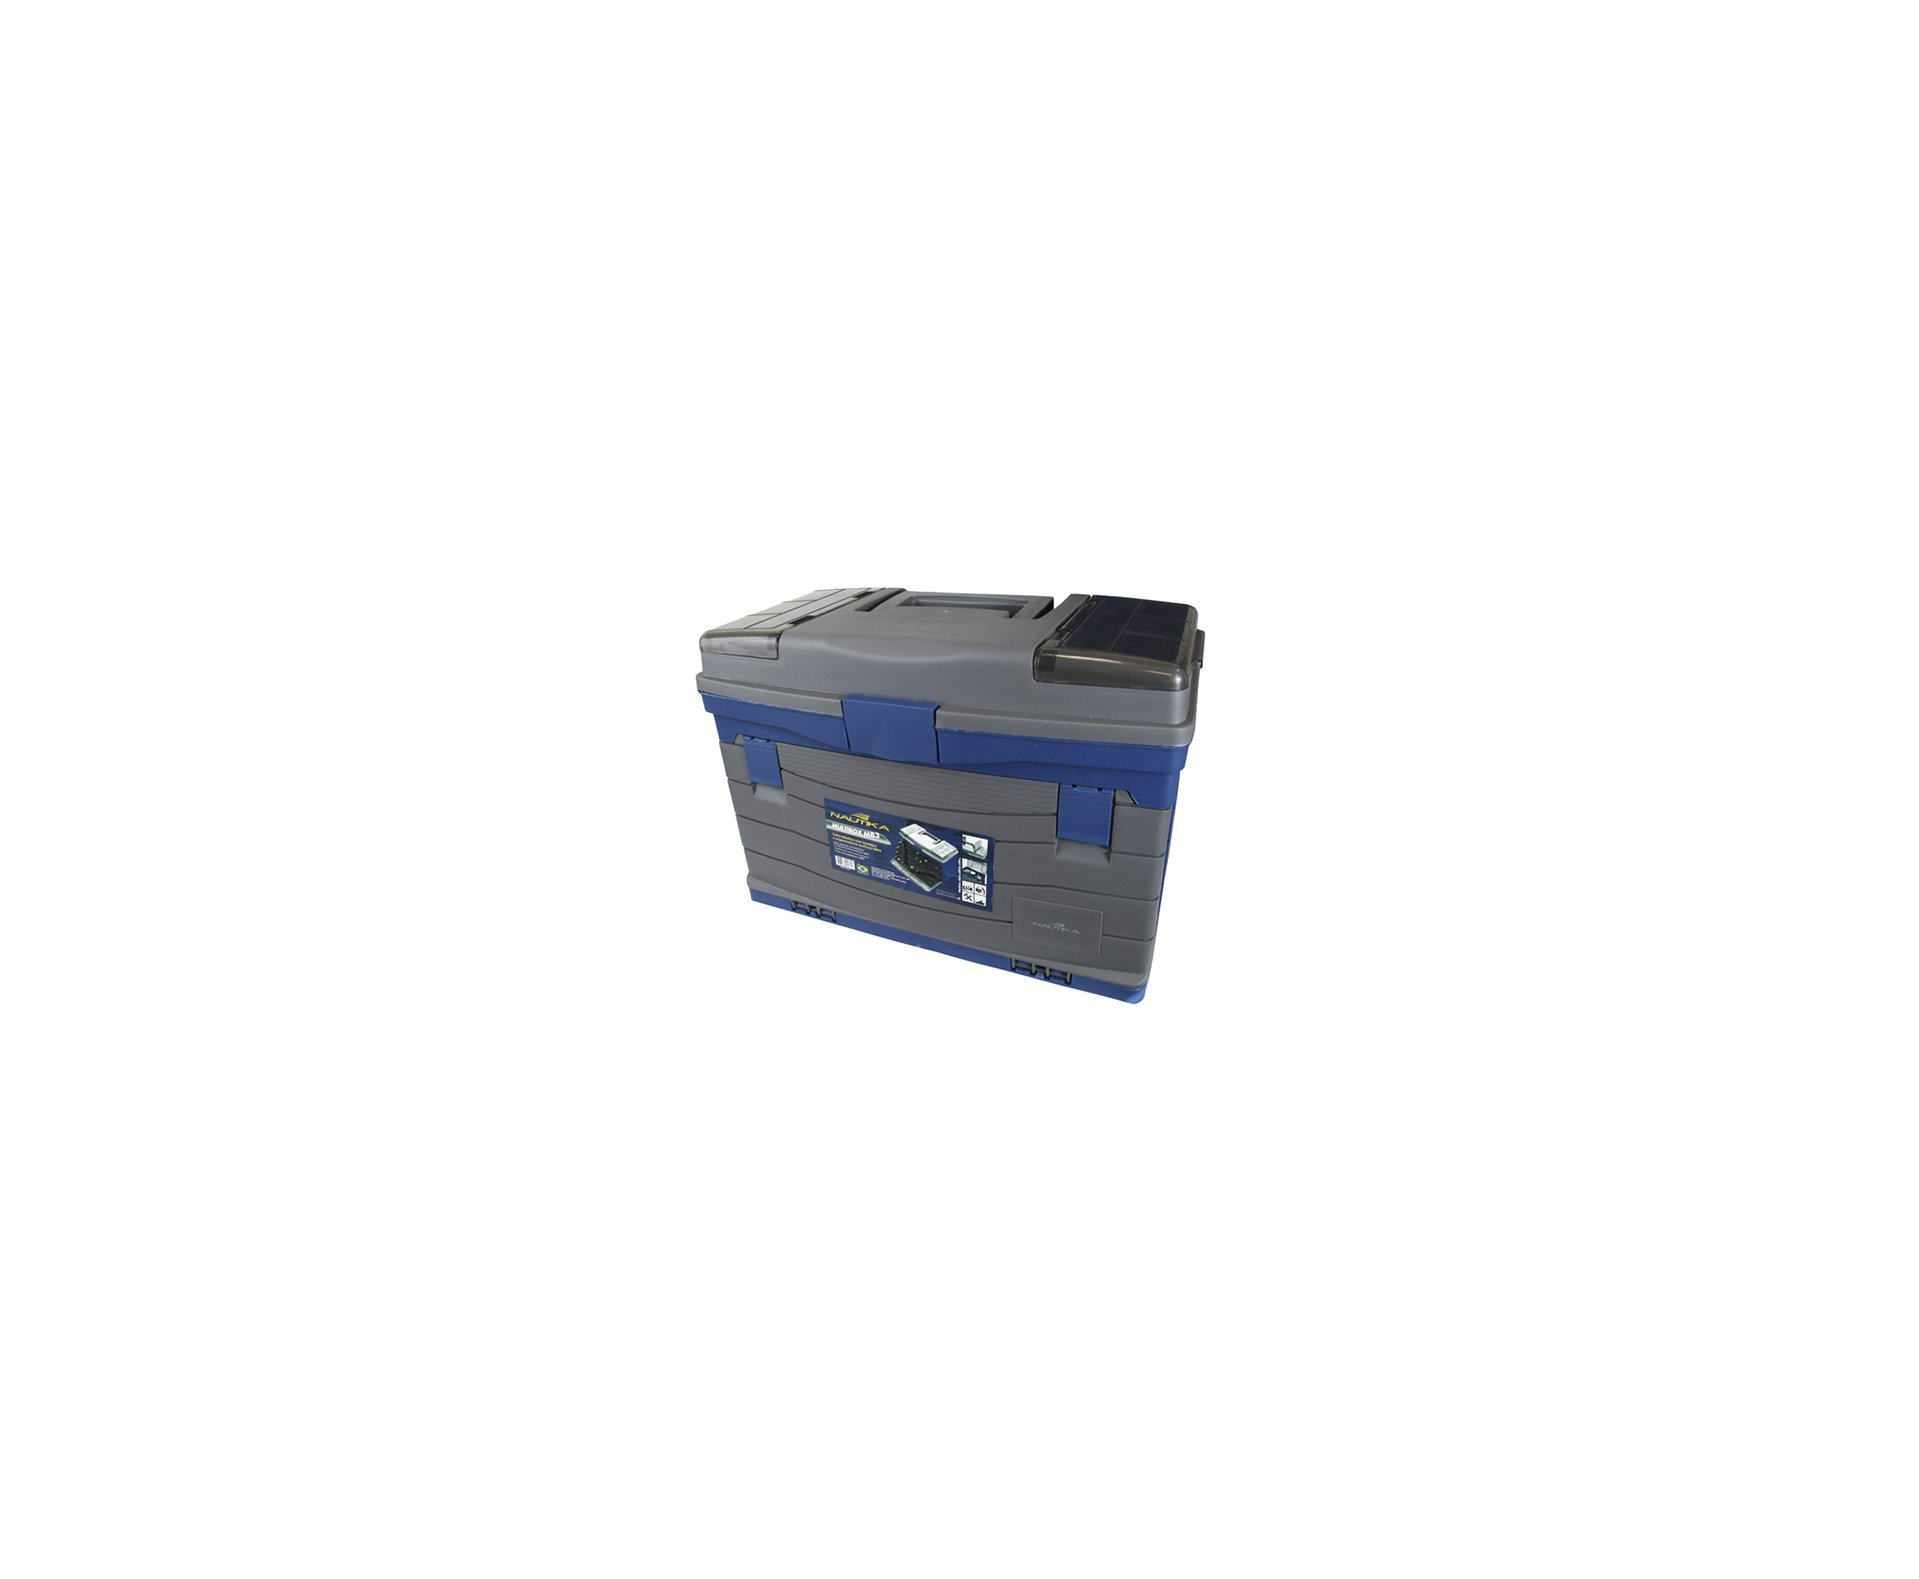 Caixa Multibox Mb3 - Nautika